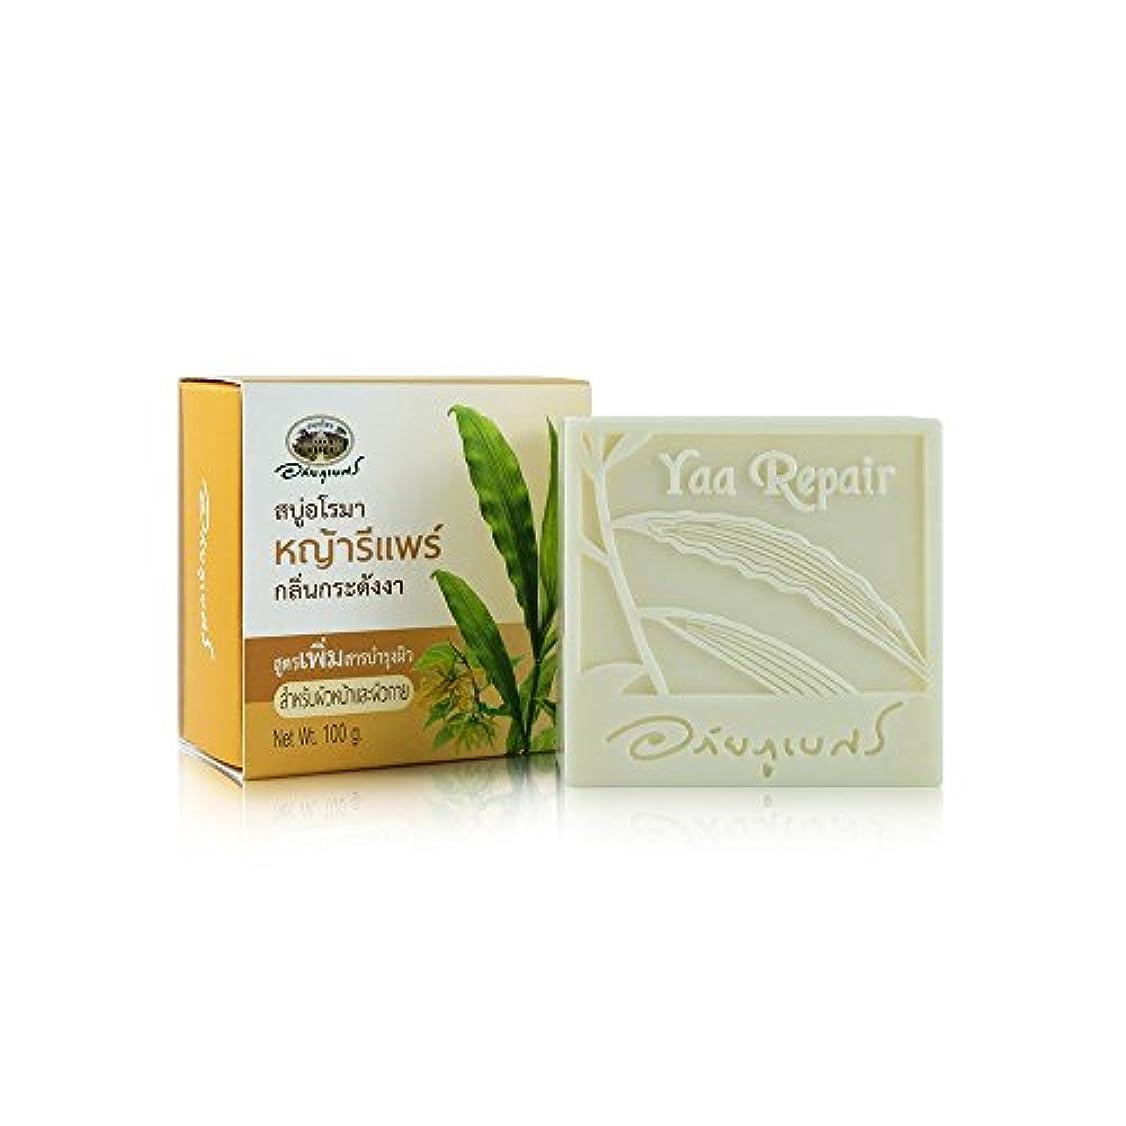 憂鬱な第二急襲Abhaibhubejhr Thai Aromatherapy With Ylang Ylang Skin Care Formula Herbal Body Face Cleaning Soap 100g.